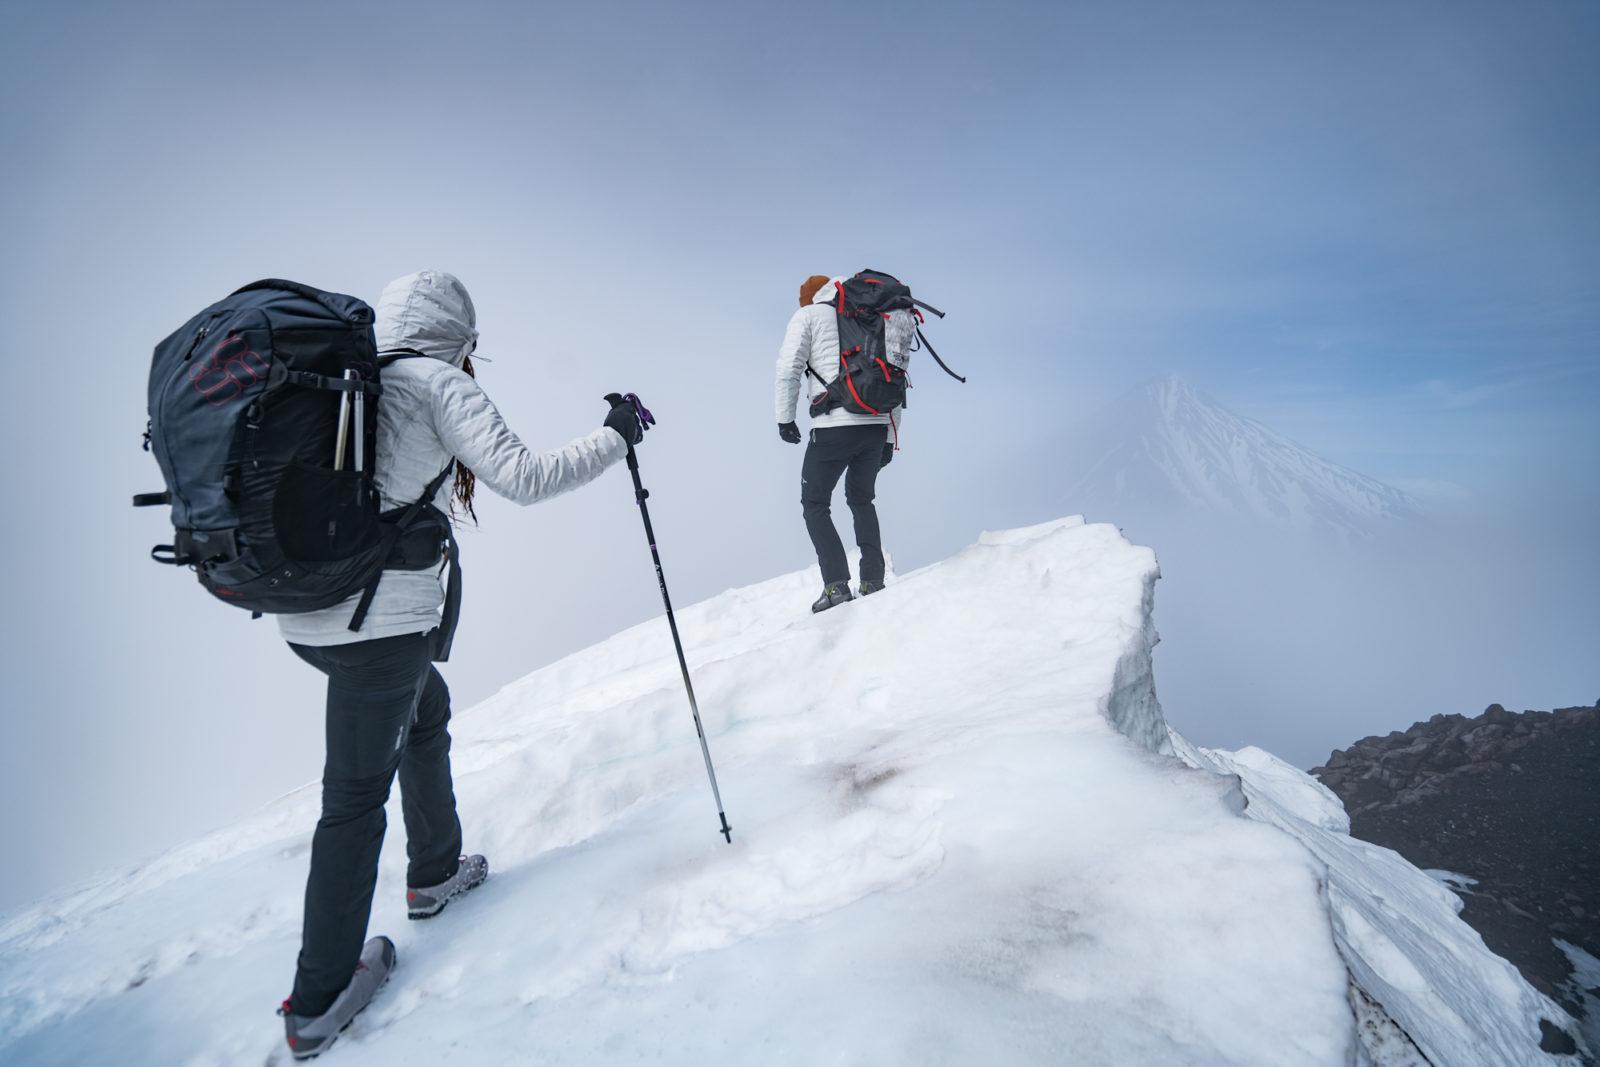 ... bei Ihren Outdoor- und täglichen Abenteuern immer warm bleiben. Finden  Sie mit der verstellbaren Taille und den Bündchen die perfekte Passform, ... 19ffa901b8